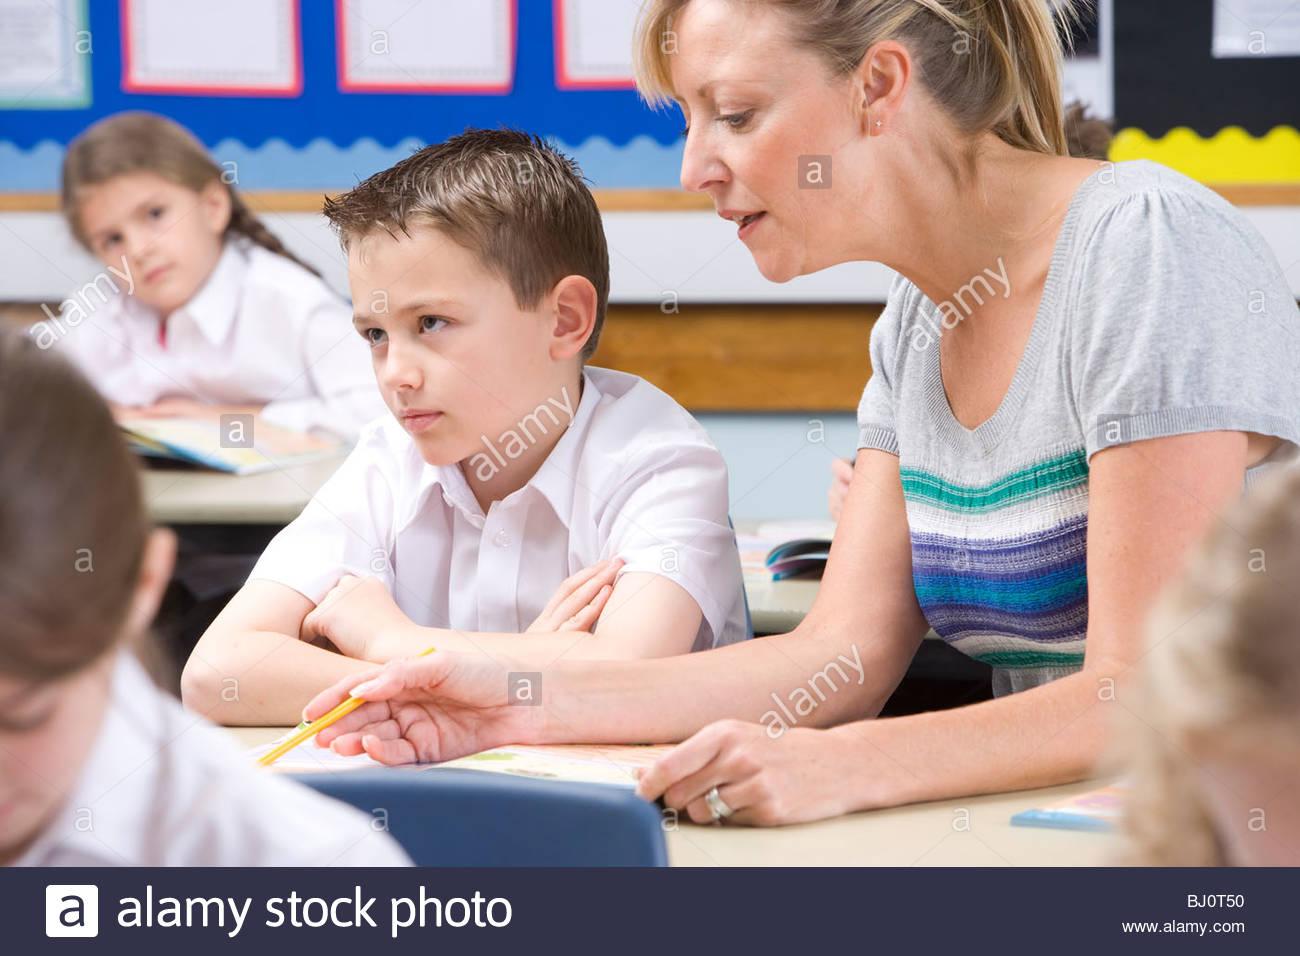 Lehrer helfen, hartnäckige Student mit Studien im Klassenzimmer Stockbild